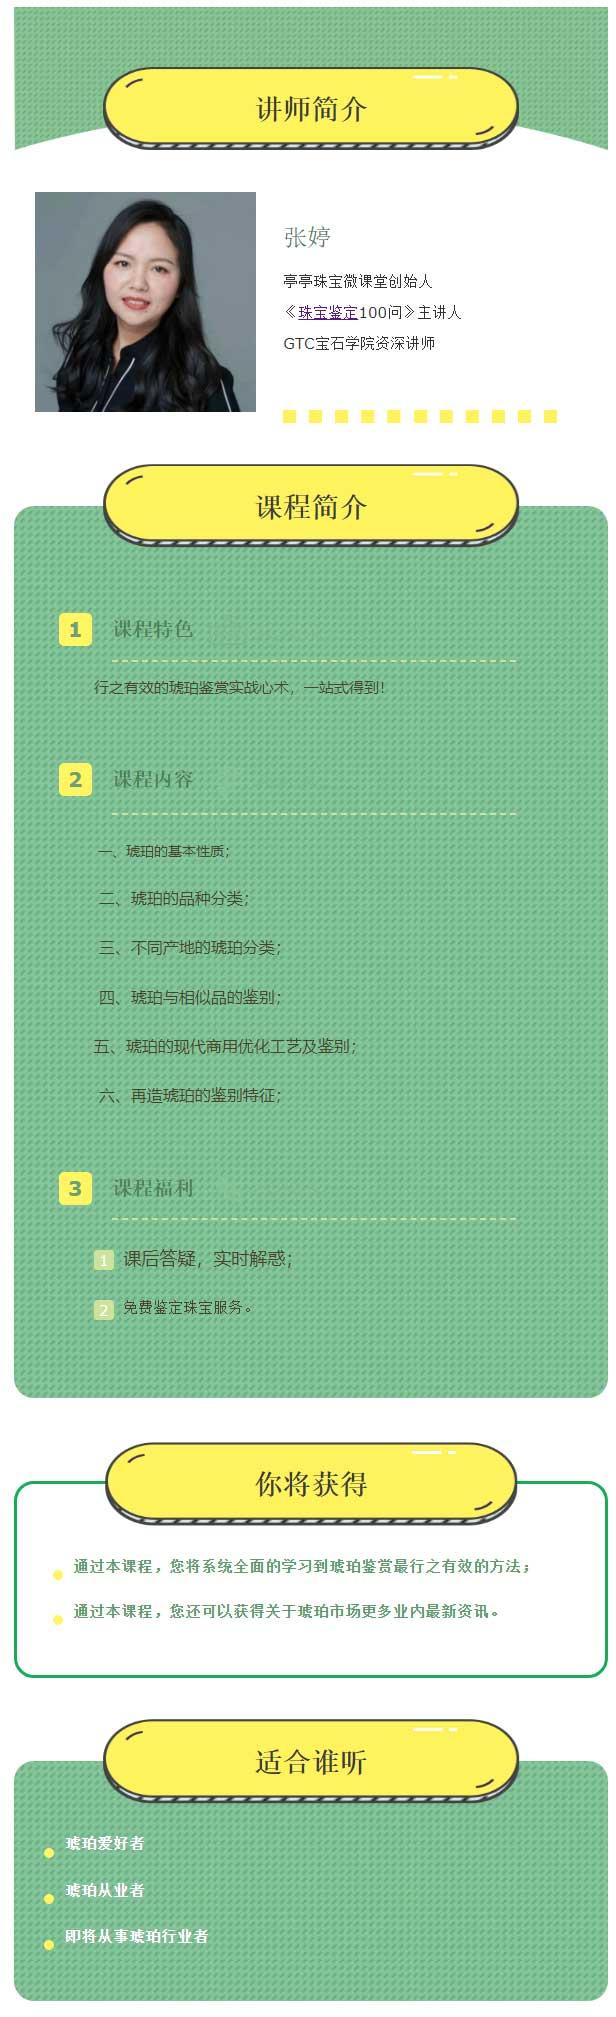 琥珀鉴定与商贸课程---珠宝玉石鉴定师培训学校-翡翠和田课程学习班-GTC宝石学院(北京)